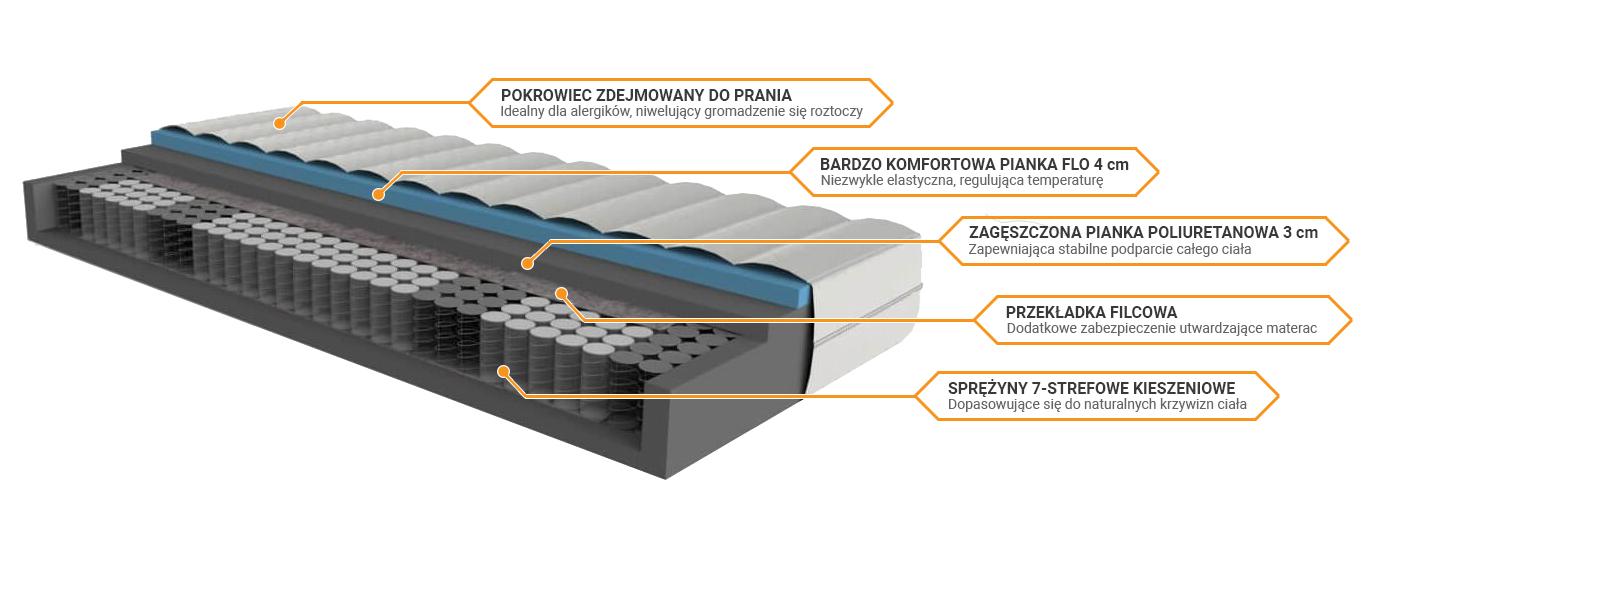 Budowa materaca Merita H3 7 stref sekretsnu